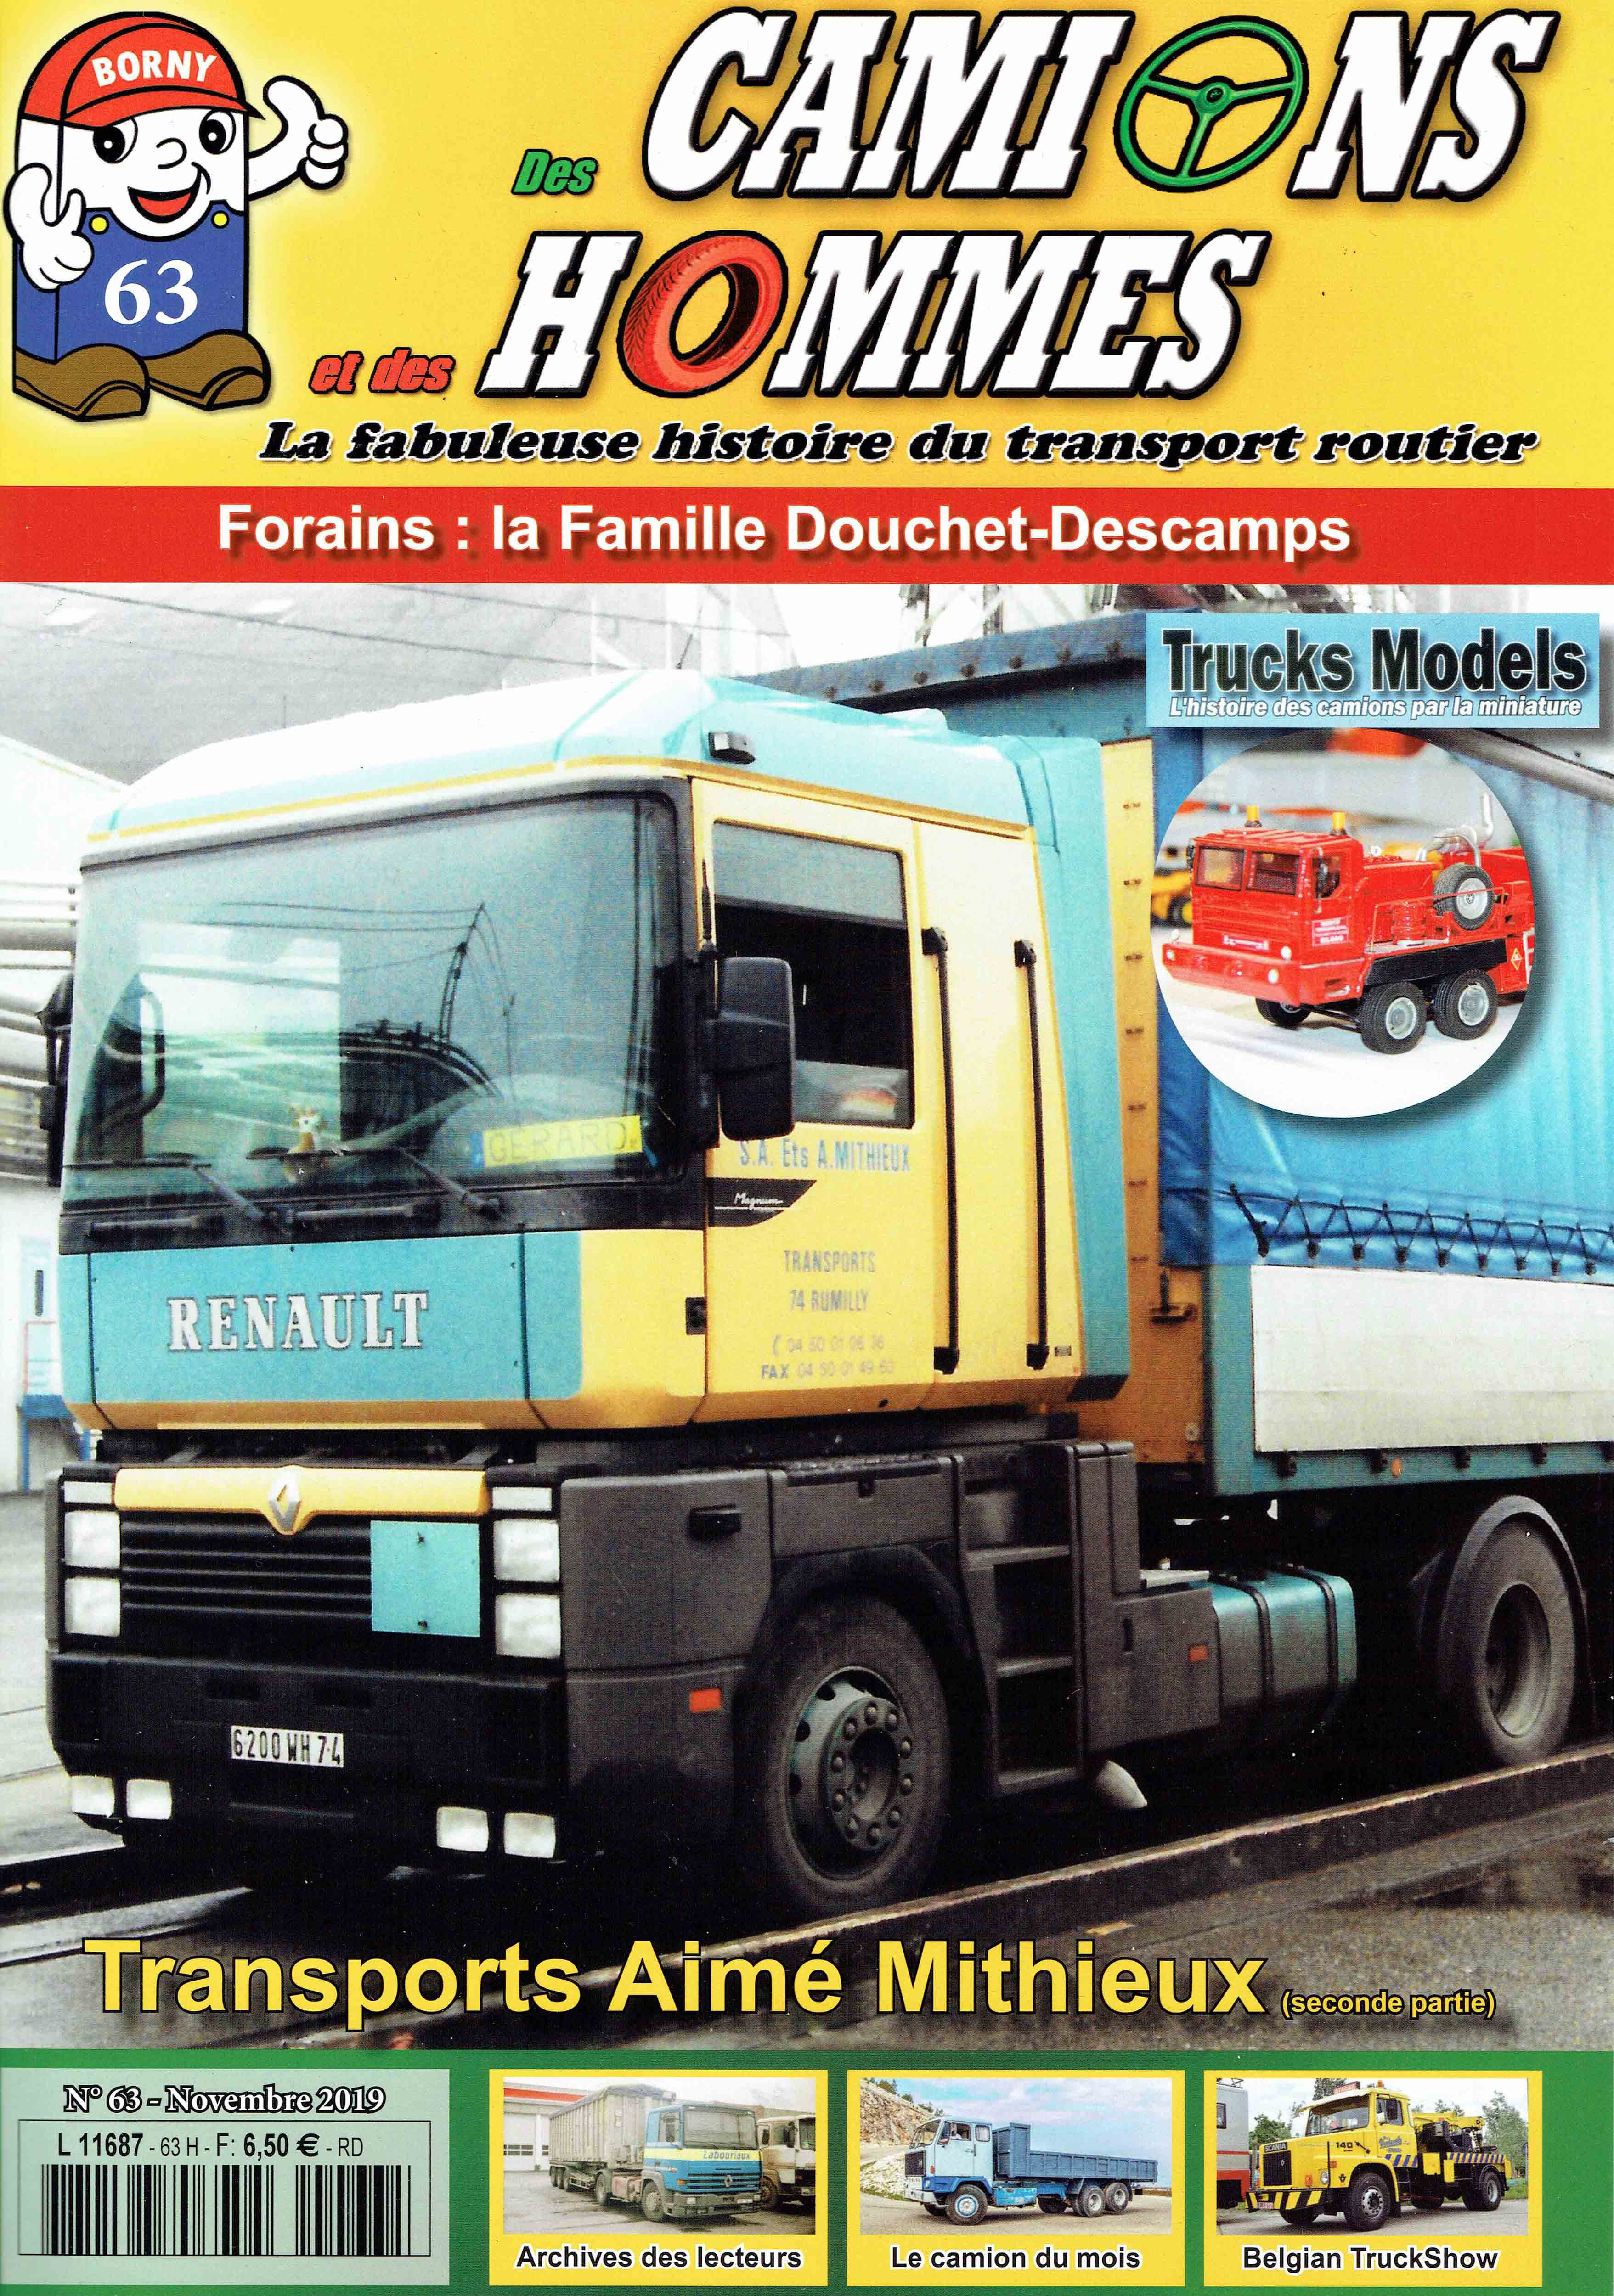 Magazine N°63 Des Camions et des Hommes (Etranger)